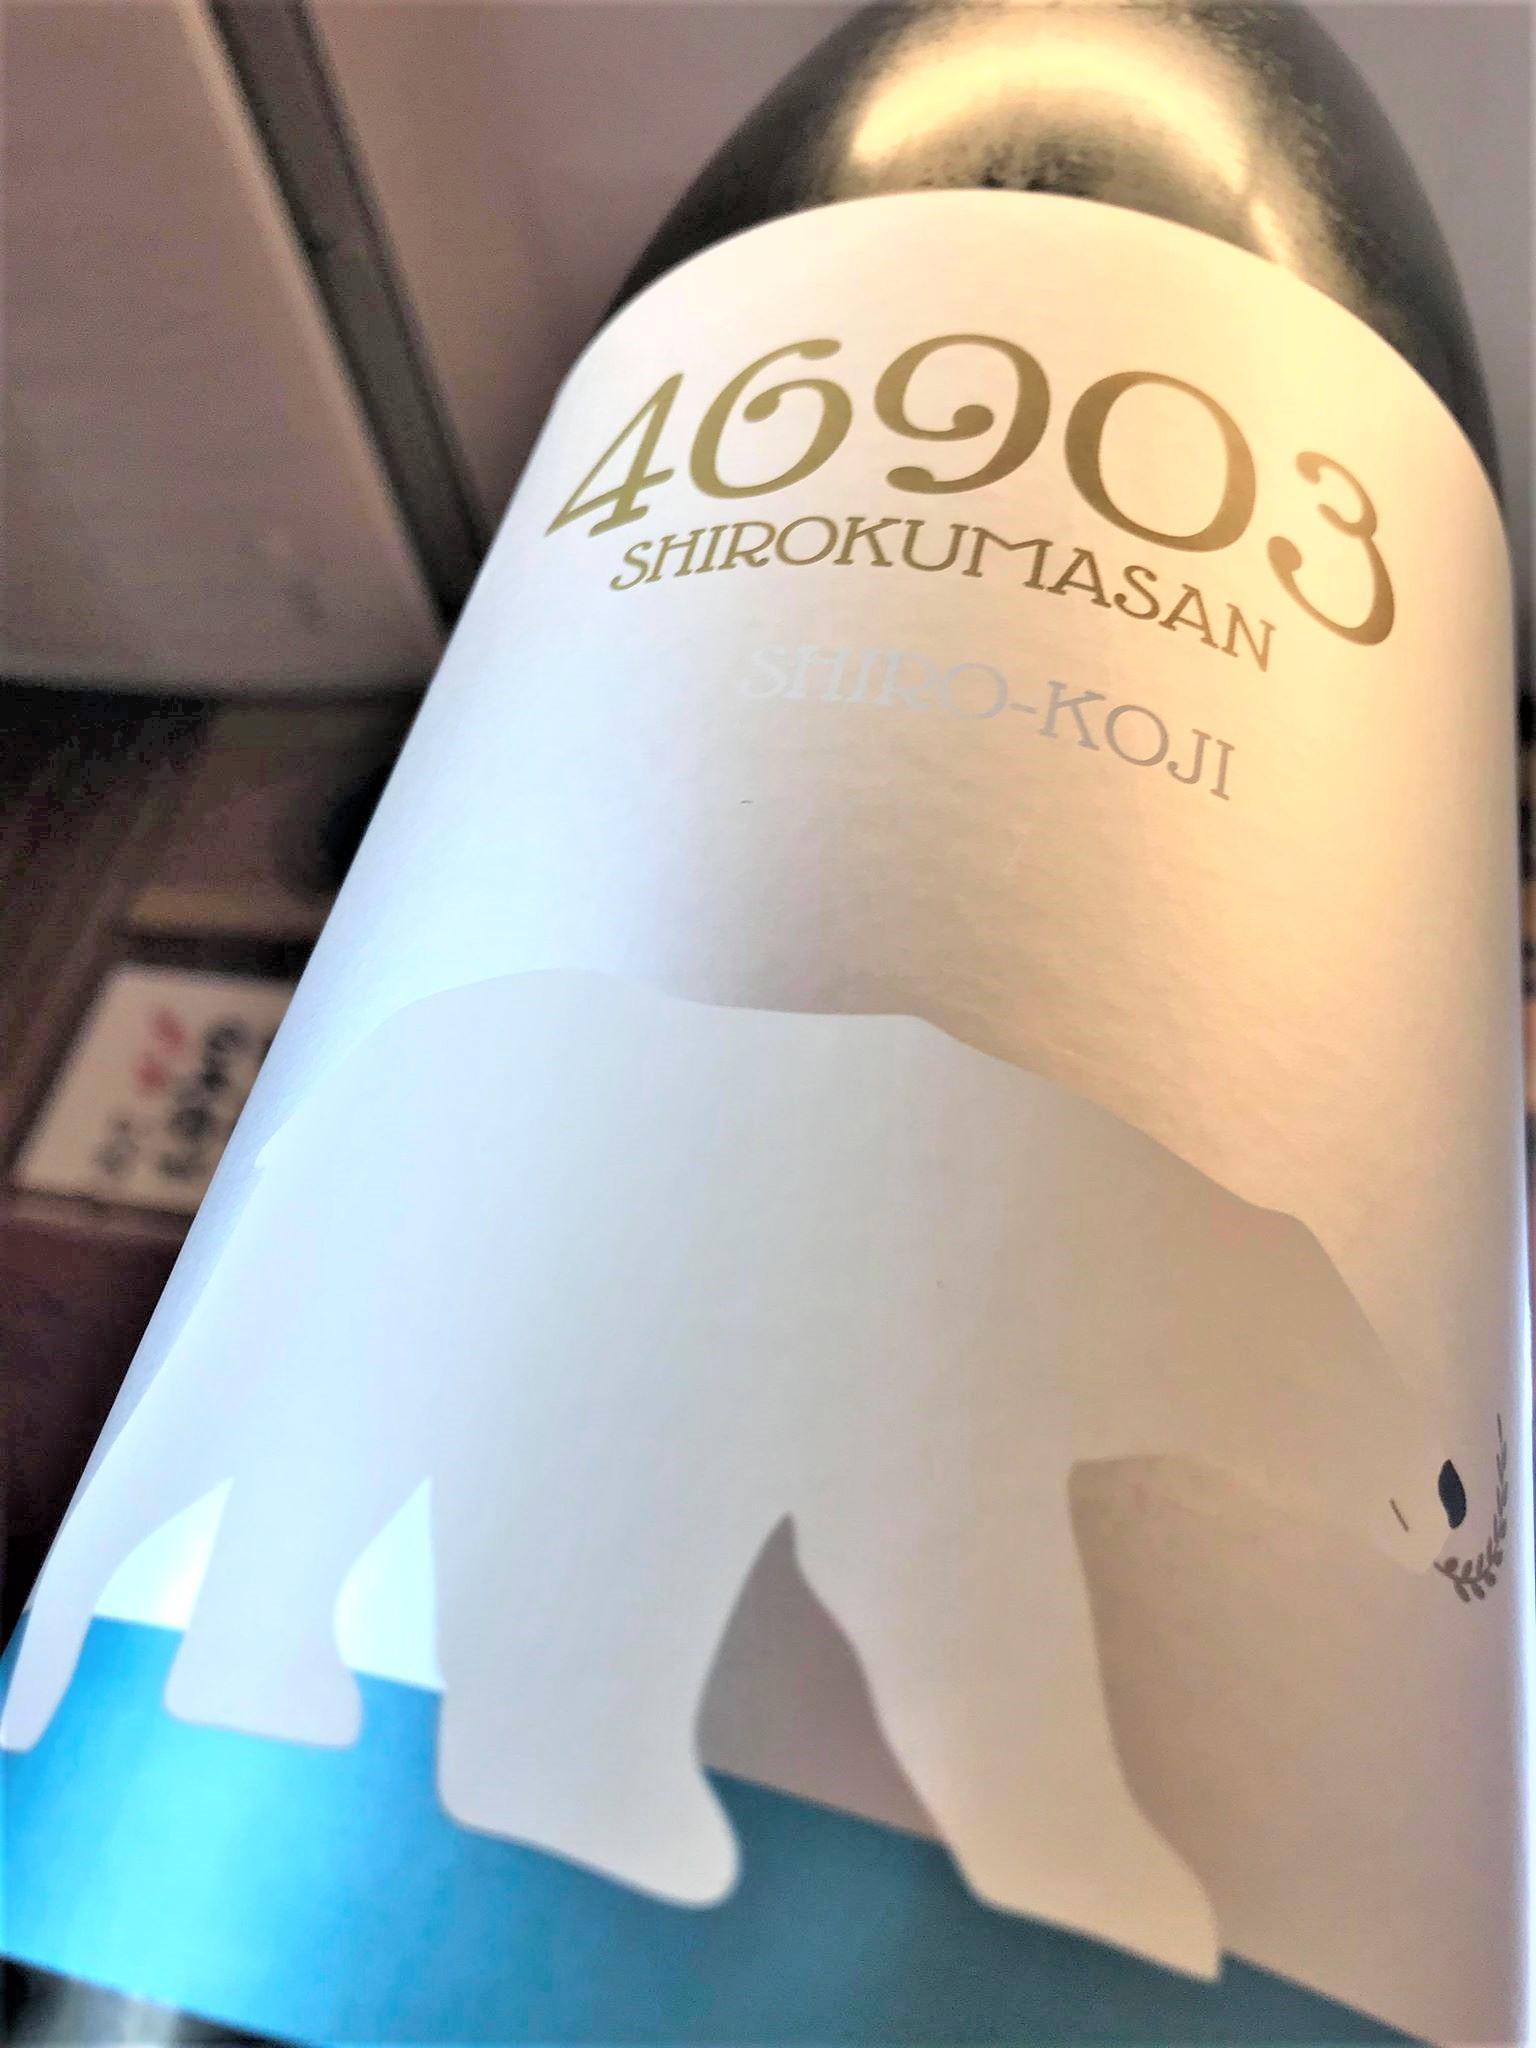 【日本酒】白木久 森のくまさん🐻 瓶囲い純米酒 46903 SHIROKUMASAN 限定 30BY🆕_e0173738_10481378.jpg